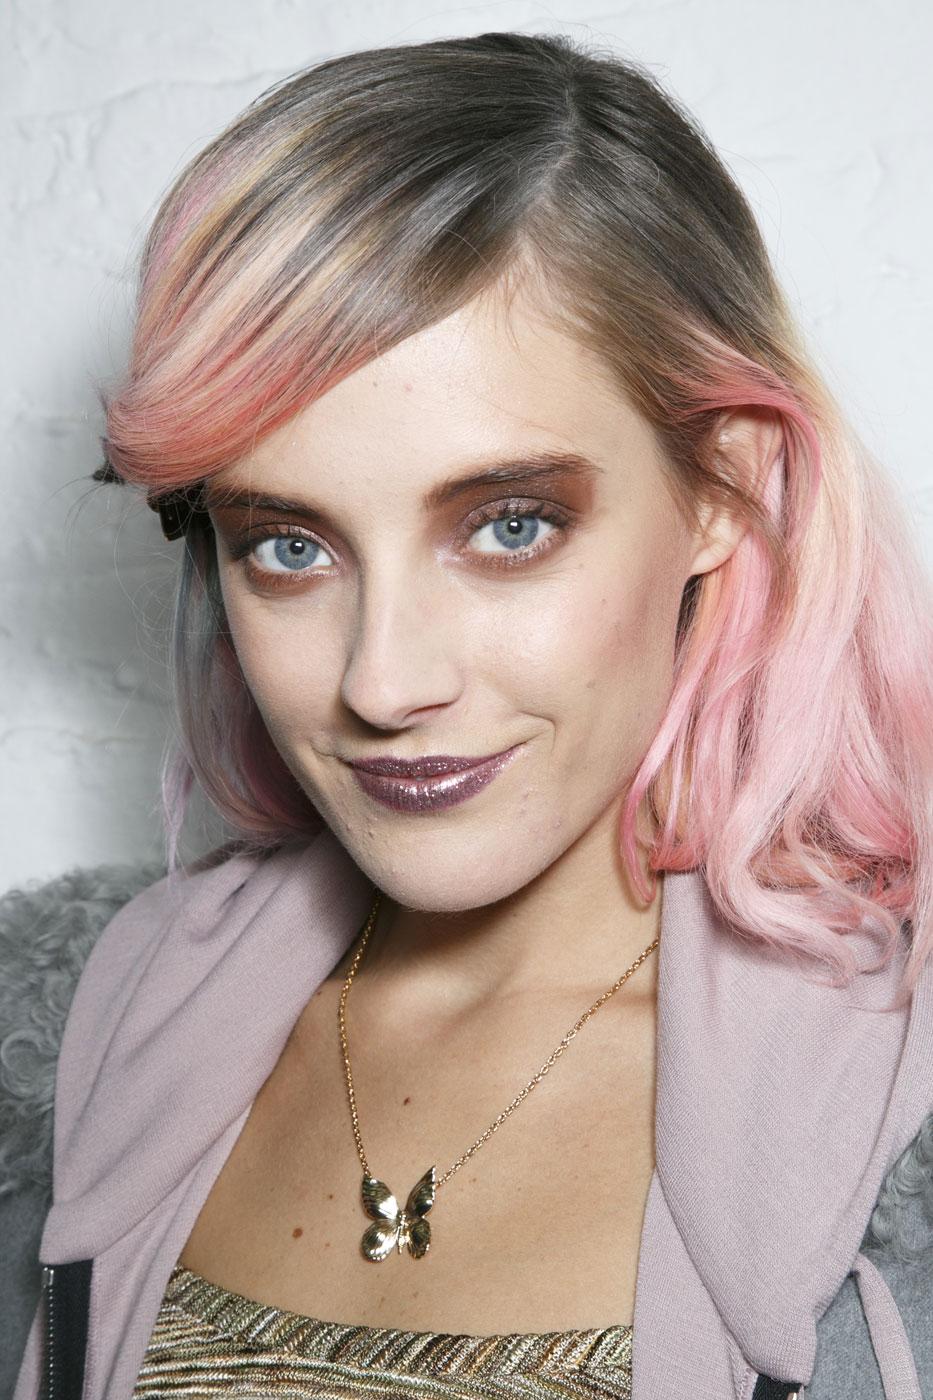 chloe norgaard pink hair